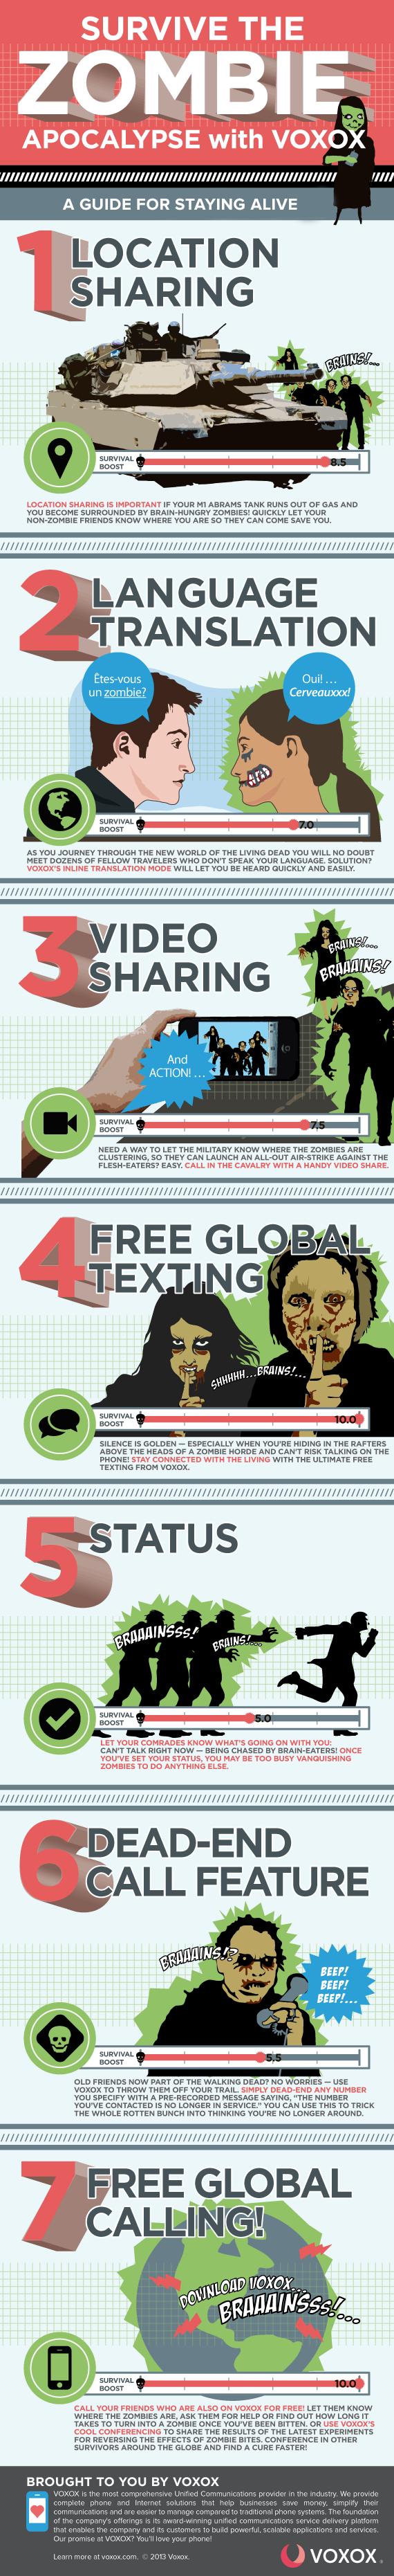 Voxox zombie survival